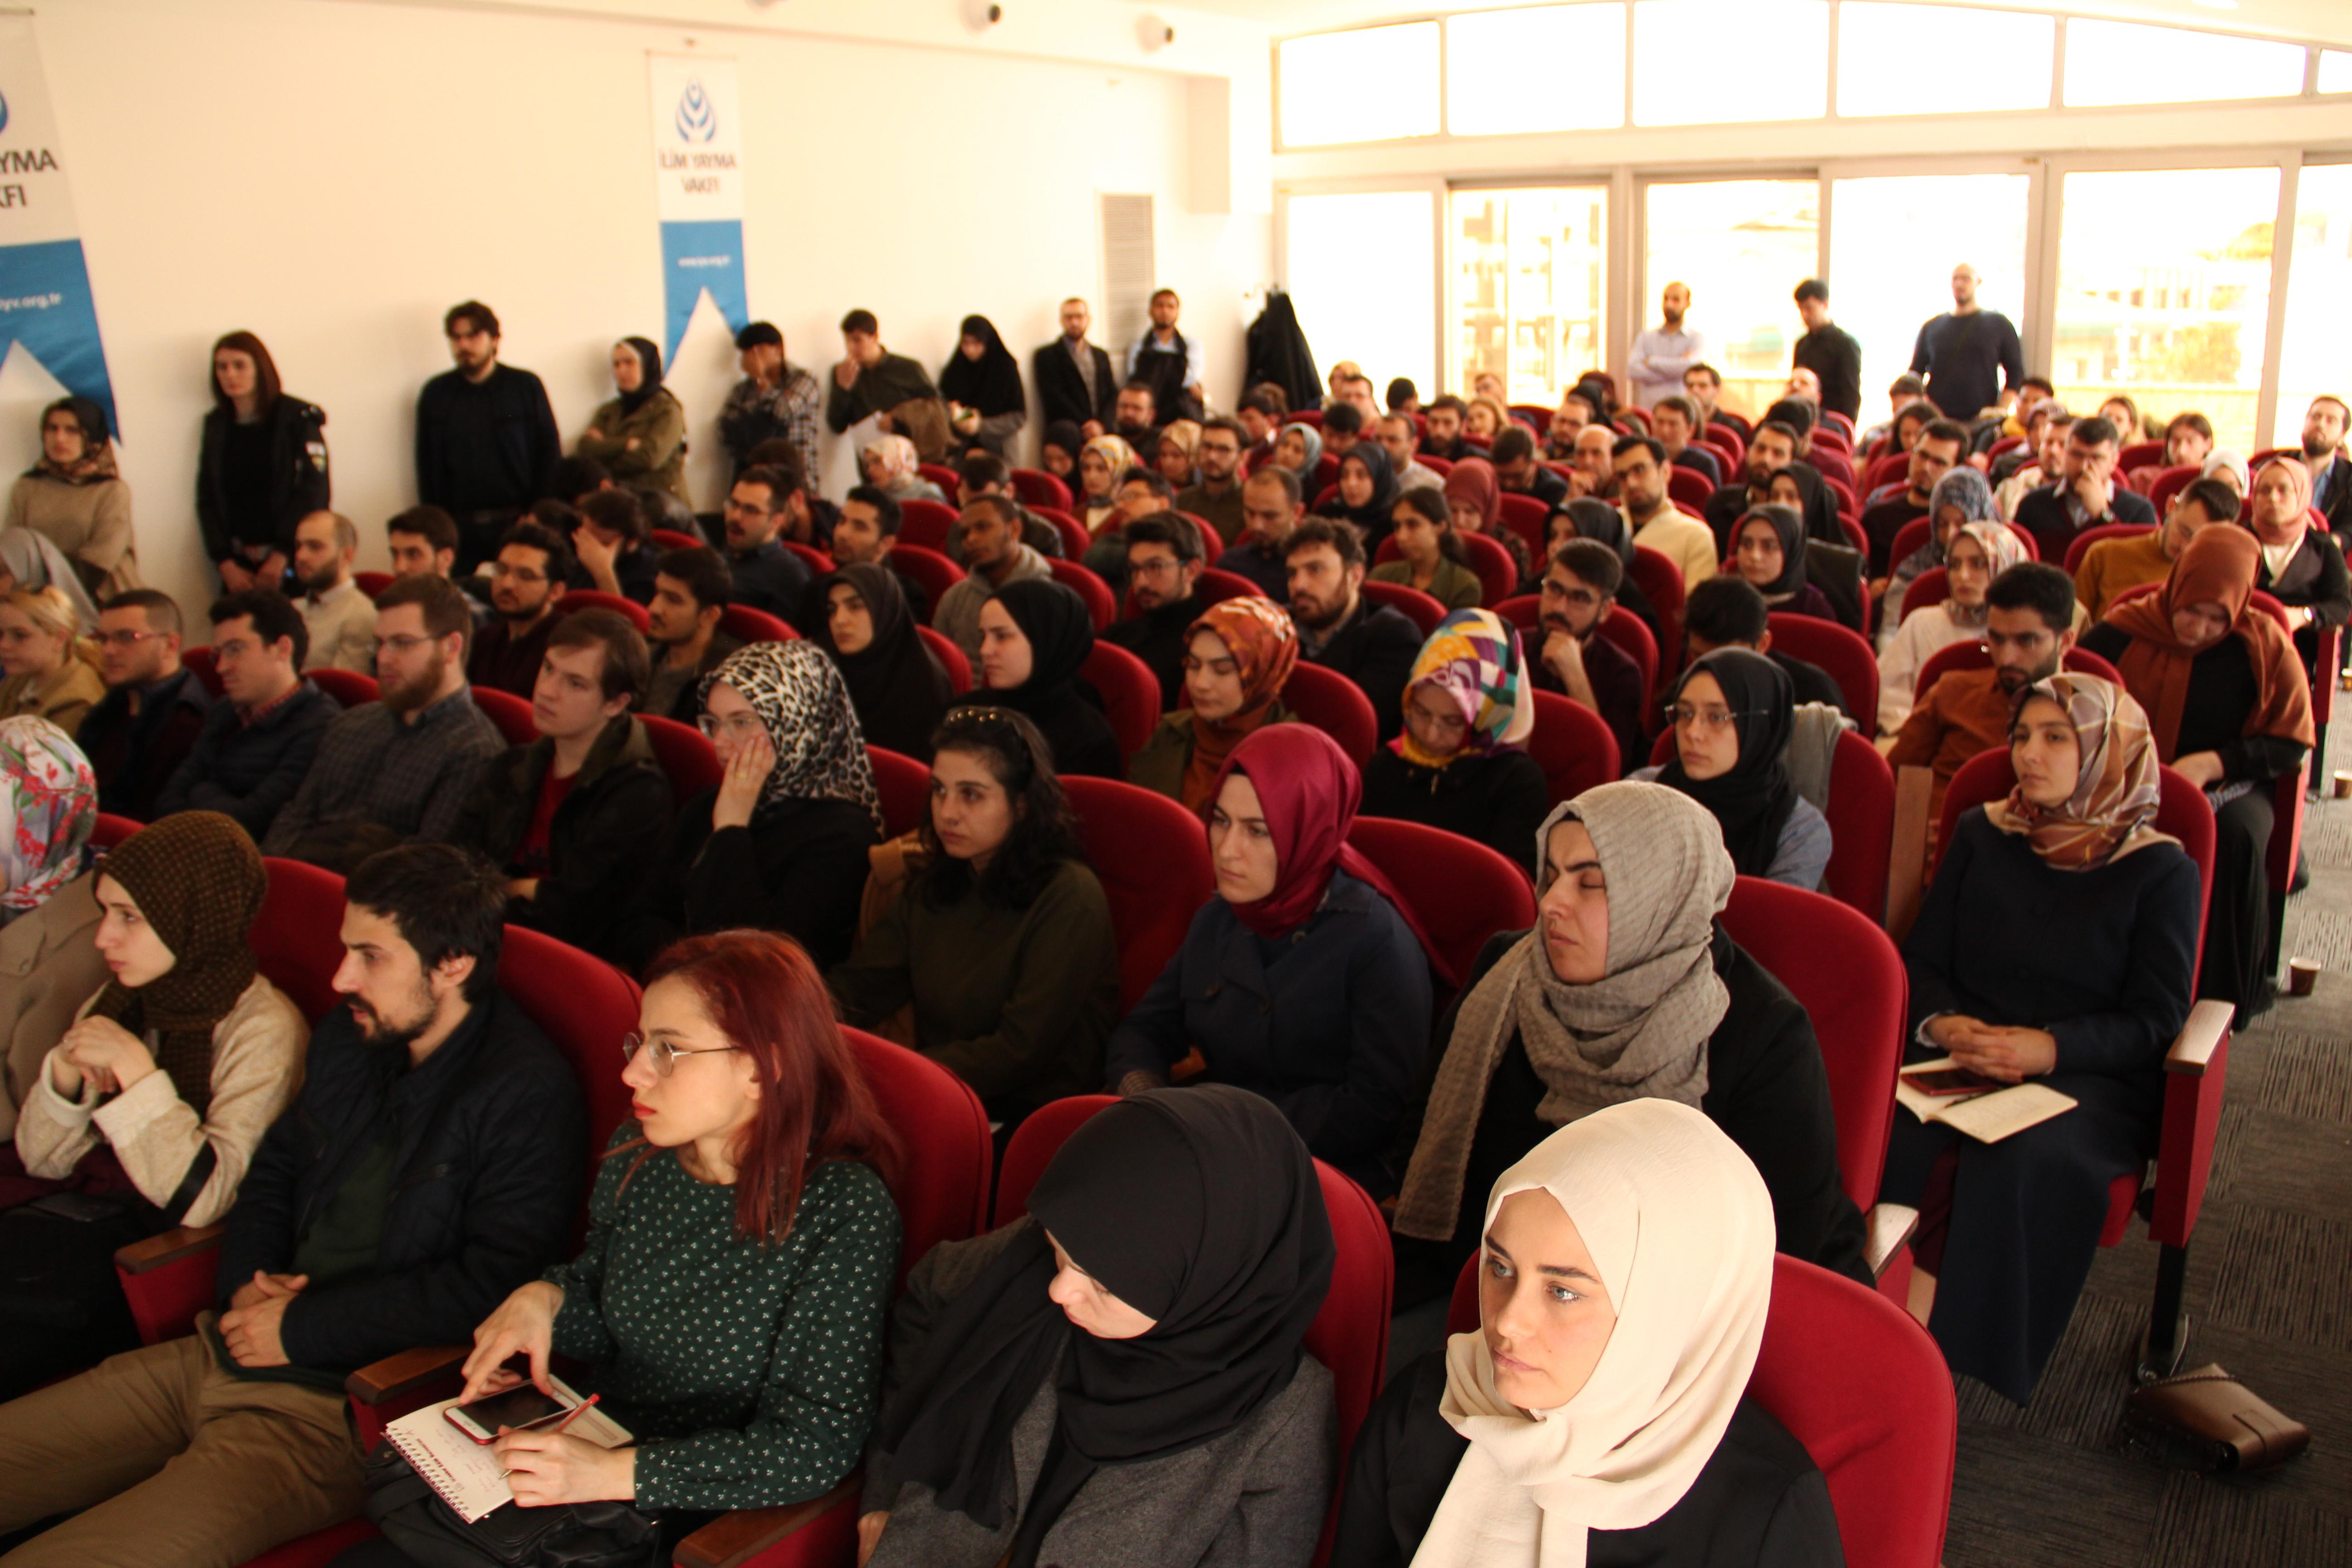 """Genç Akademisyen Adaylarına """"Osmanlı Aklı"""" Konulu Seminer Gerçekleştirildi - Haberler - İlim Yayma Vakfı, İYV"""